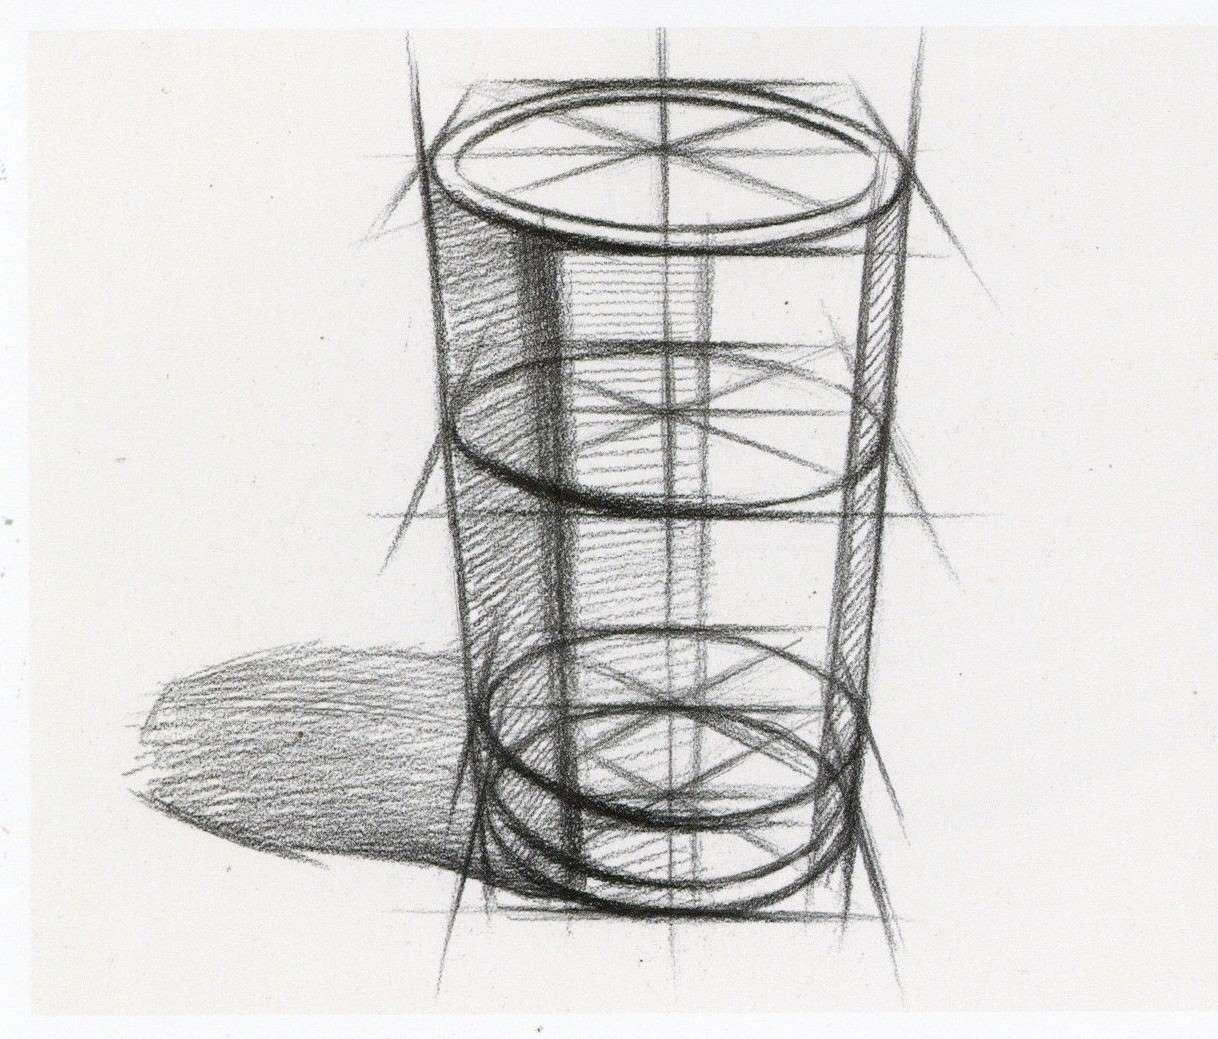 素描圆柱体玻璃杯教程 包括实体图步骤和玻璃杯结构